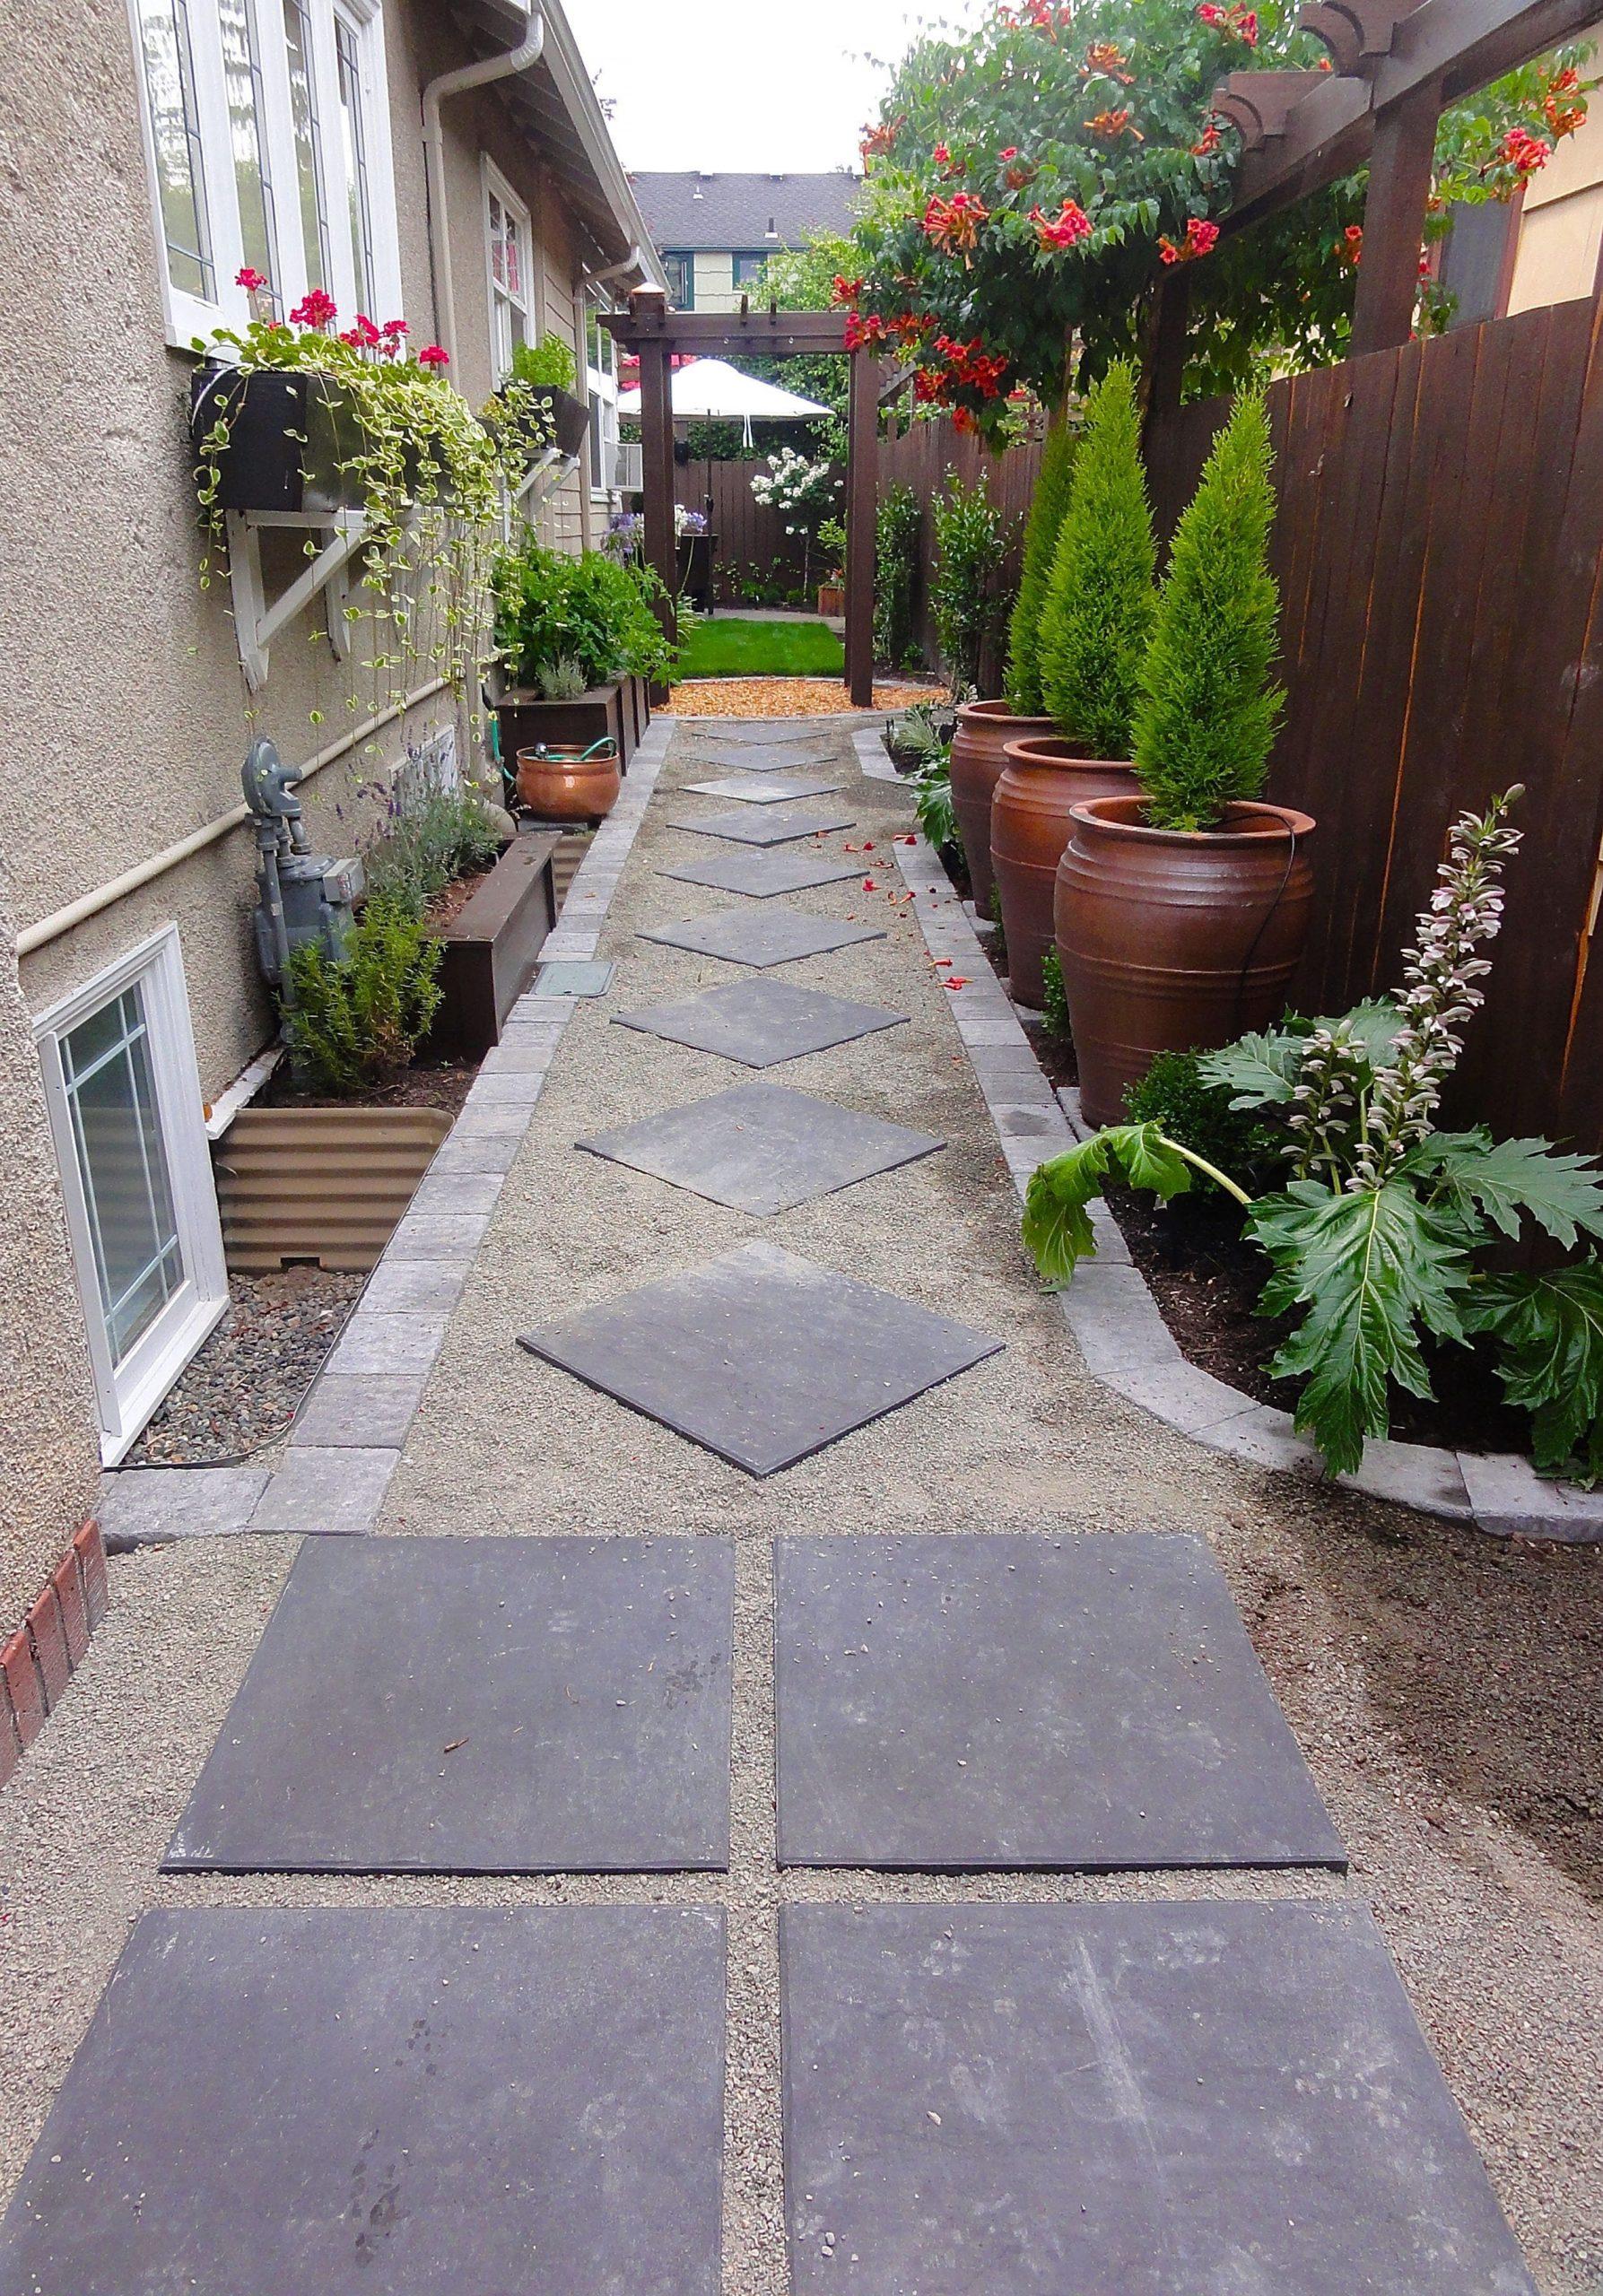 Simphome.com top 10 incredible small garden for small backyard ideas narrow